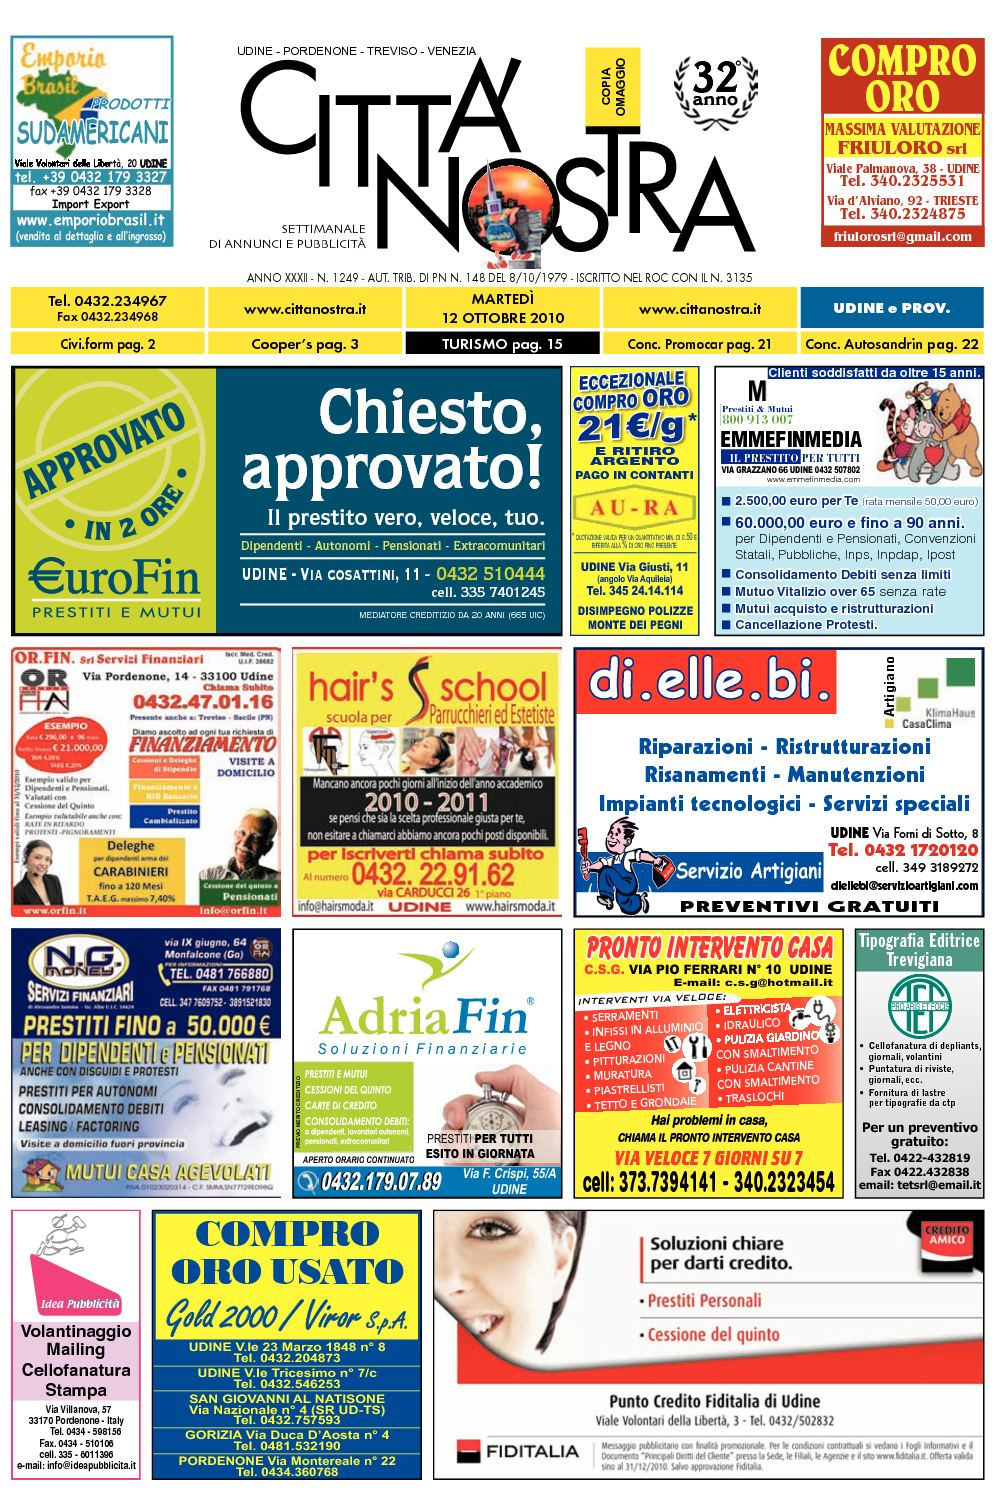 82896e61f0c8a6 Calaméo - Città Nostra Udine del 12.10.2010 n. 1249